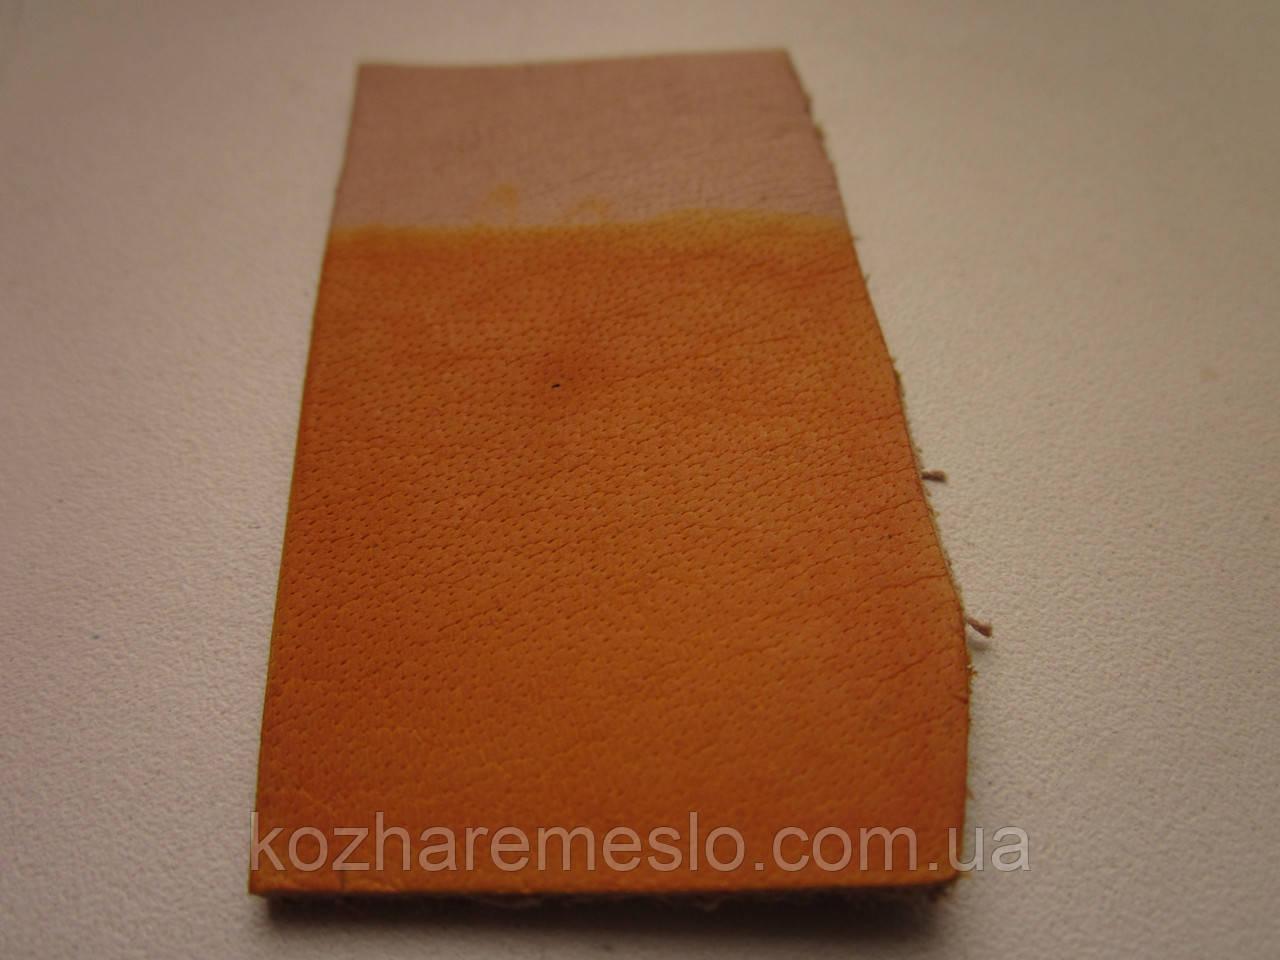 Краска для кожи спиртовая TOLEDO SUPER 200 мл абрикосовая